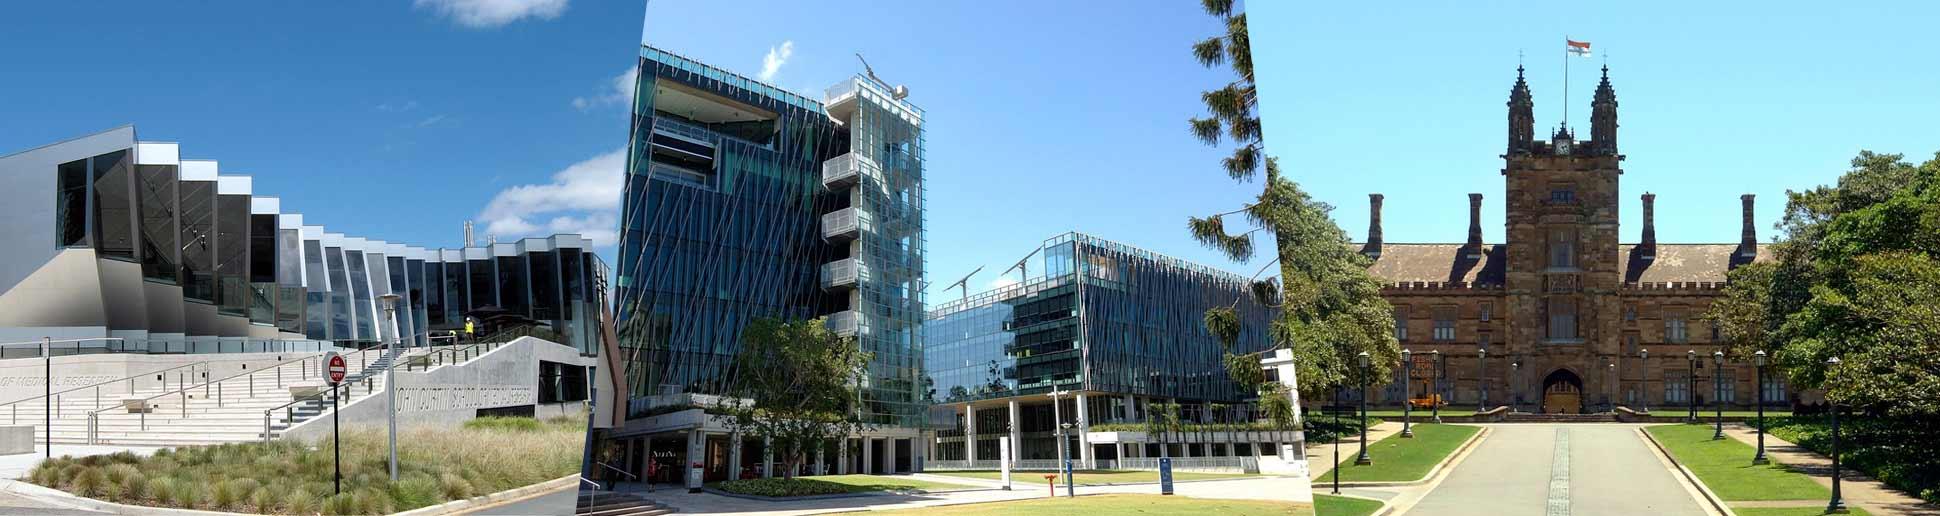 نمره آیلتس موردنیاز دانشگاههای استرالیا - کالج آریام